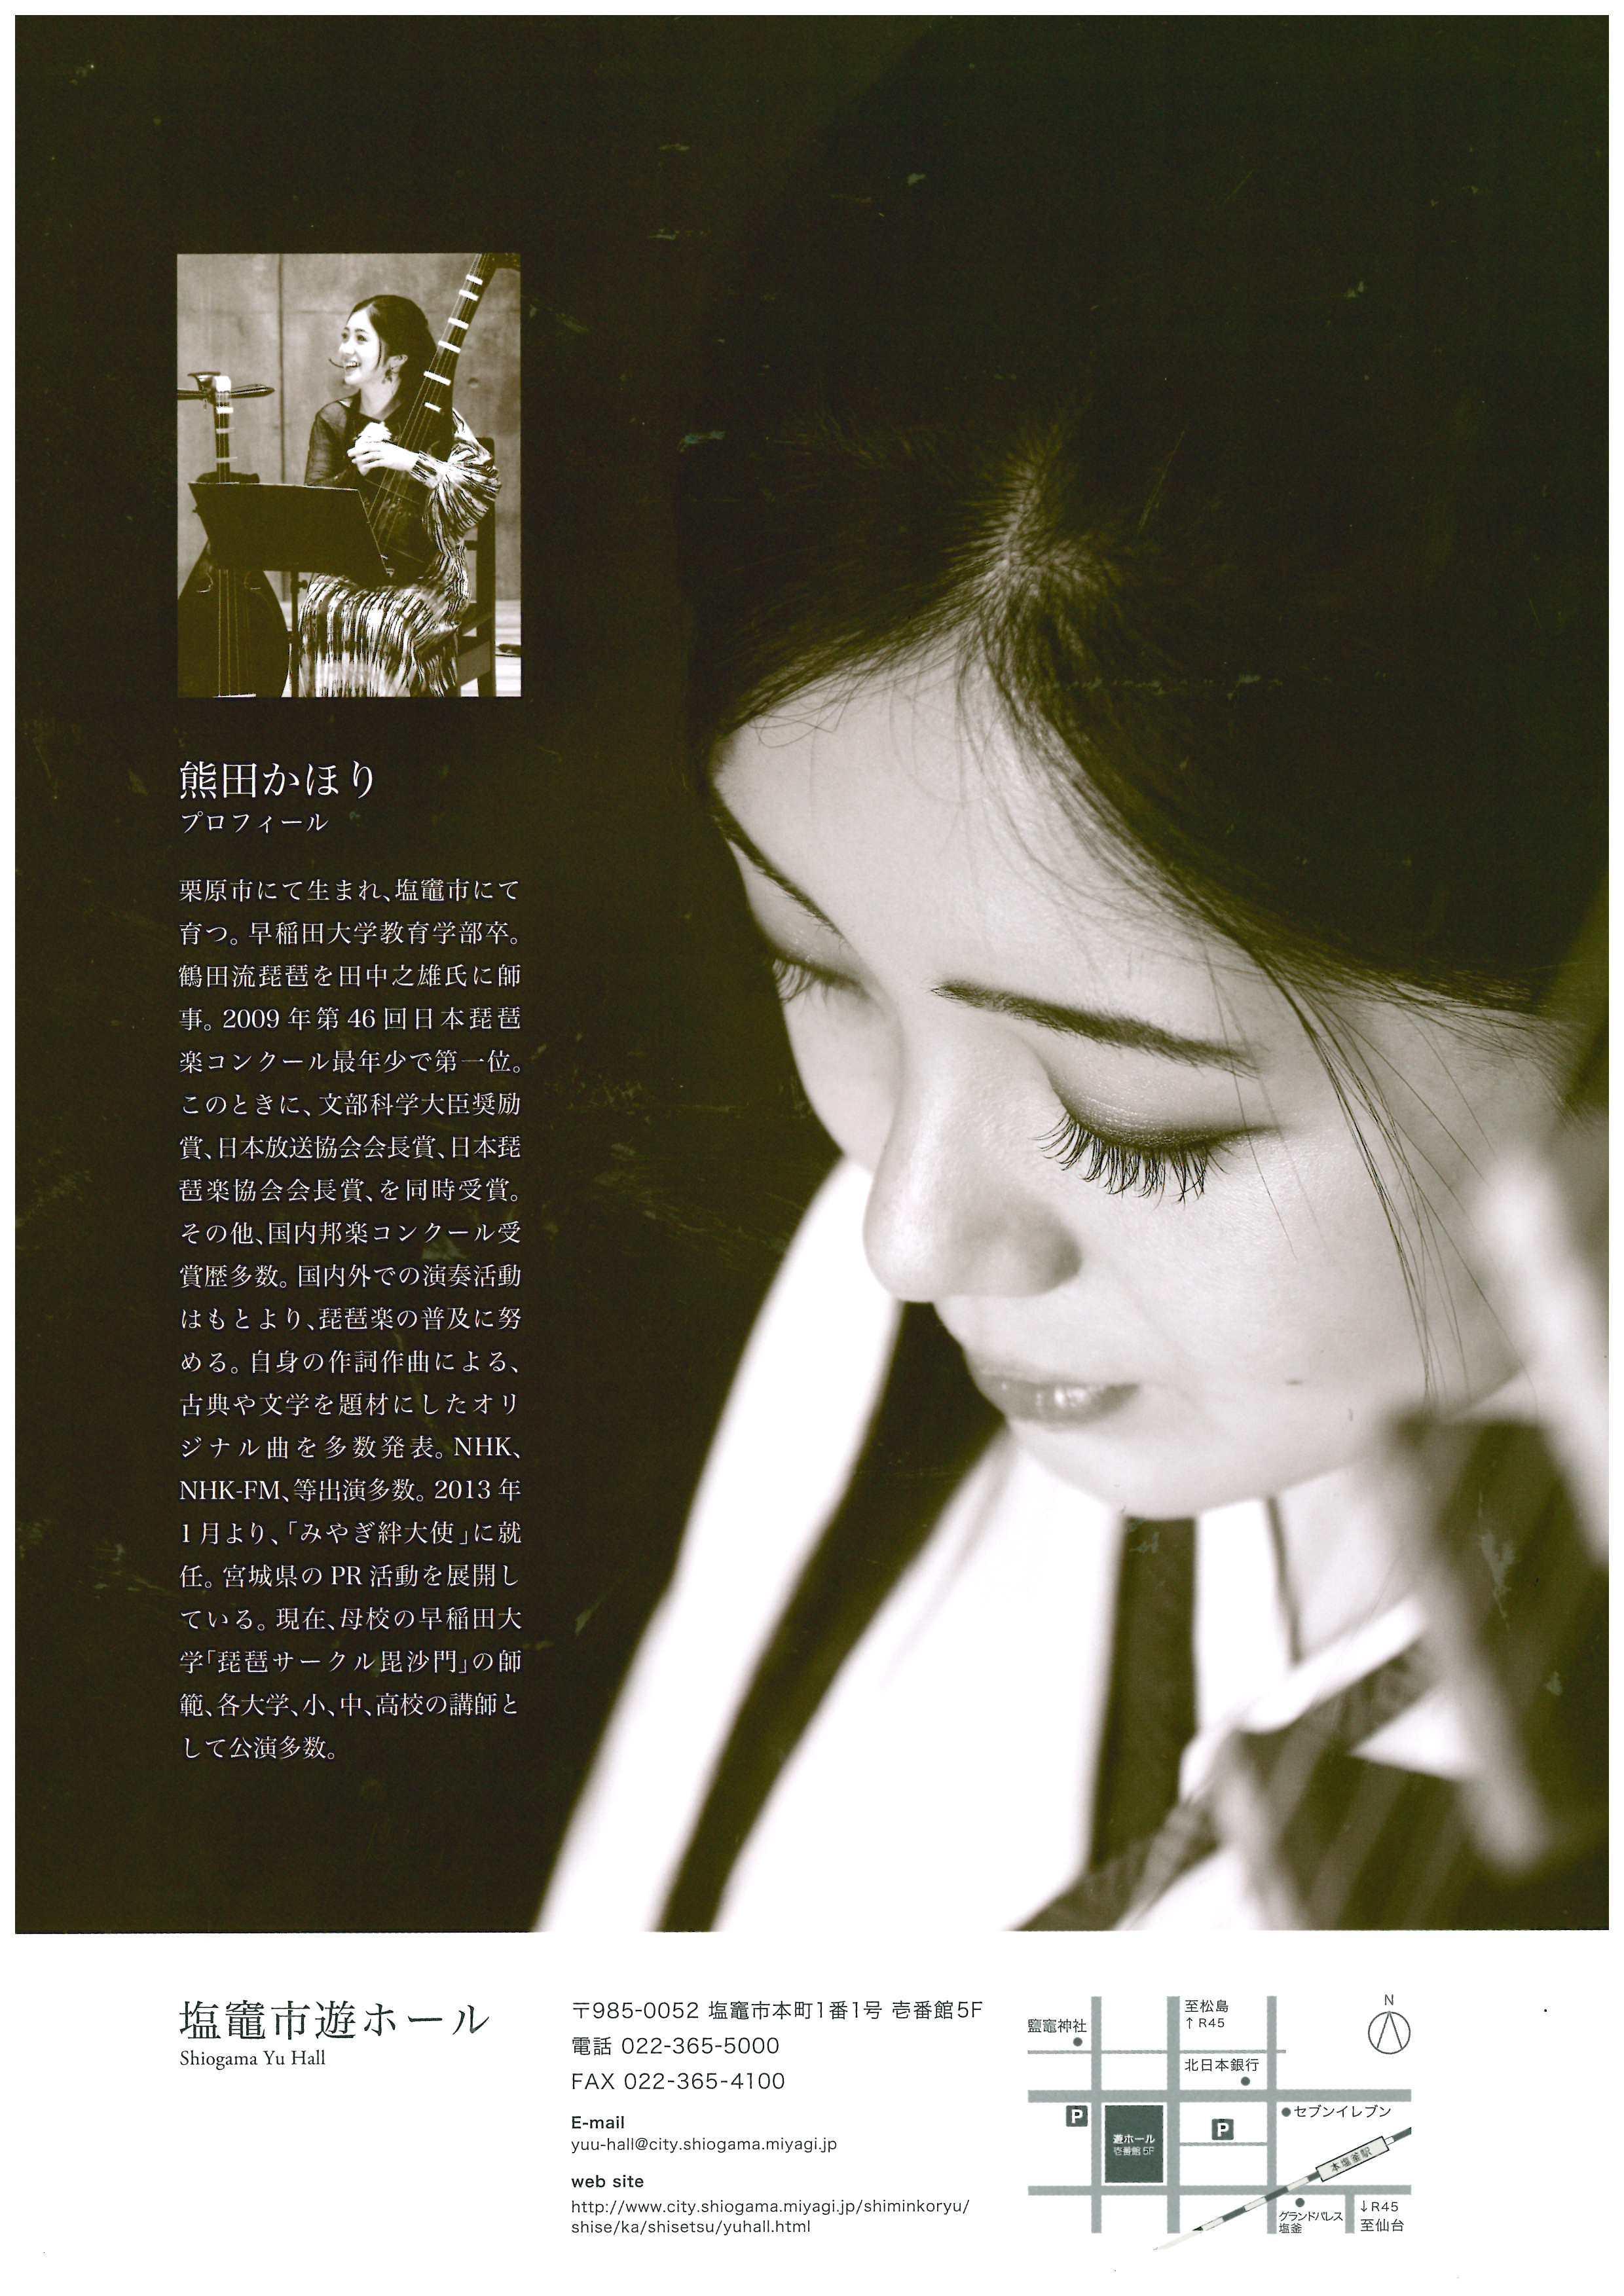 琵琶楽の宴 -秋霜にきく琵琶-【2015年11月1日】=終了=_c0366731_15190384.jpg